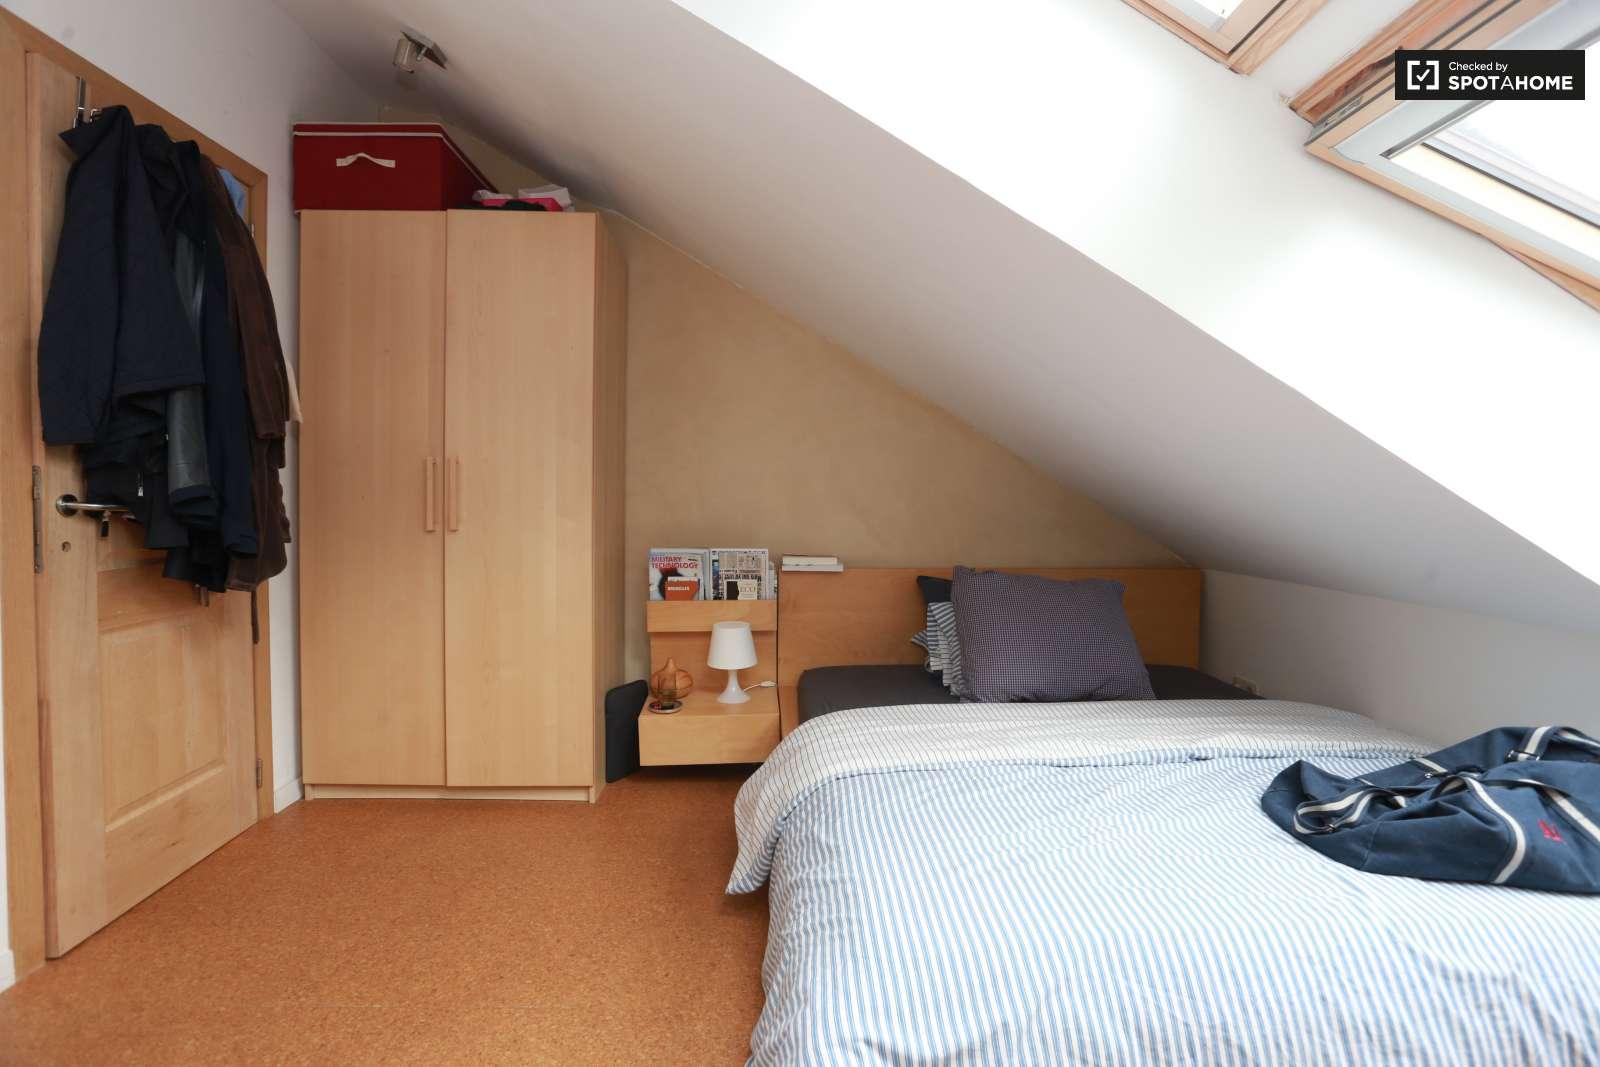 Chambres louer dans un duplex etterbeek bruxelles - Appartement a louer a bruxelles 3 chambres ...